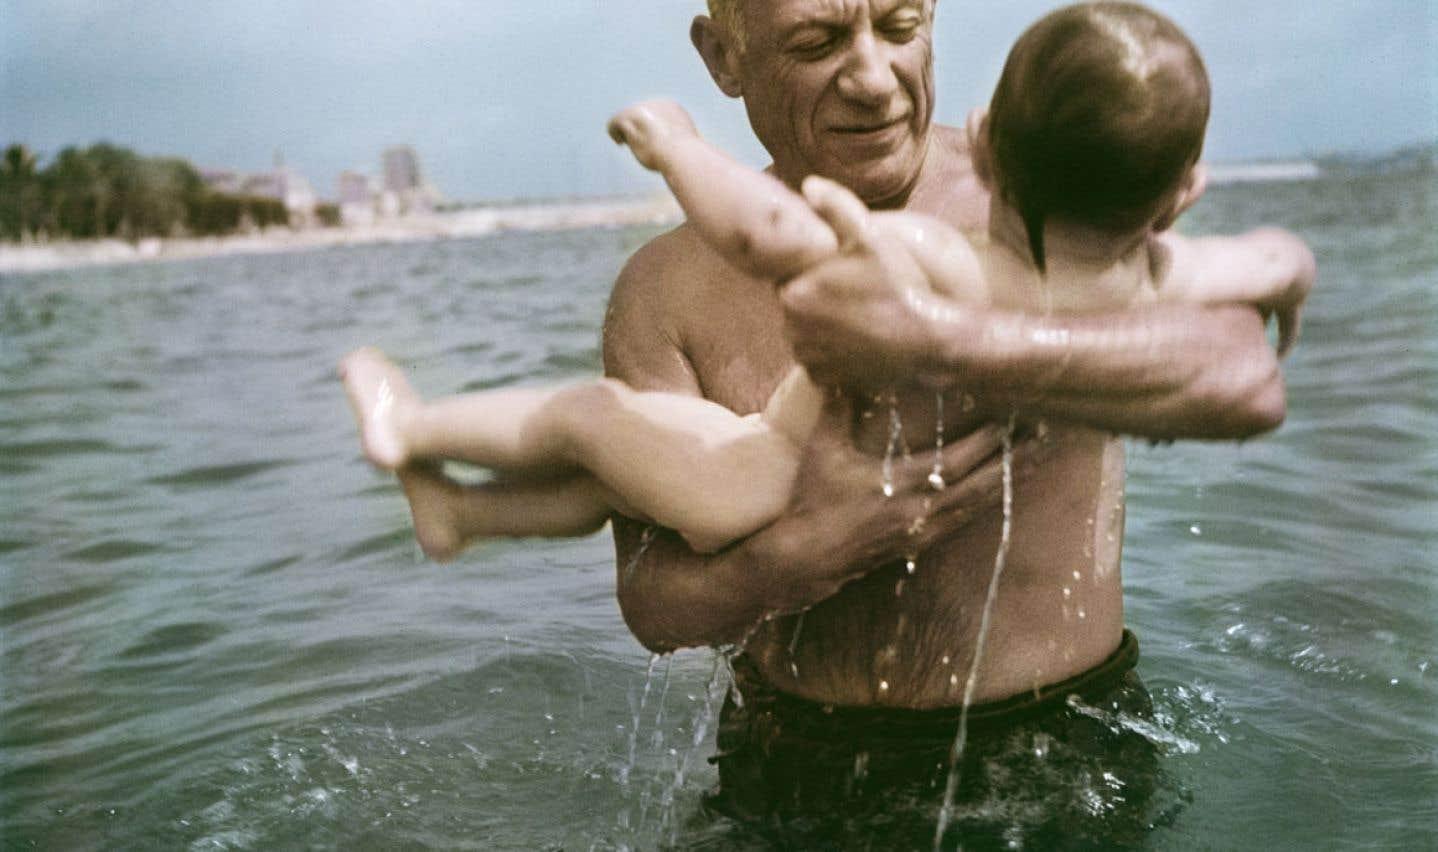 Pablo Picasso jouant dans l'eau avec son fils Claude, Vallauris, France, 1948.